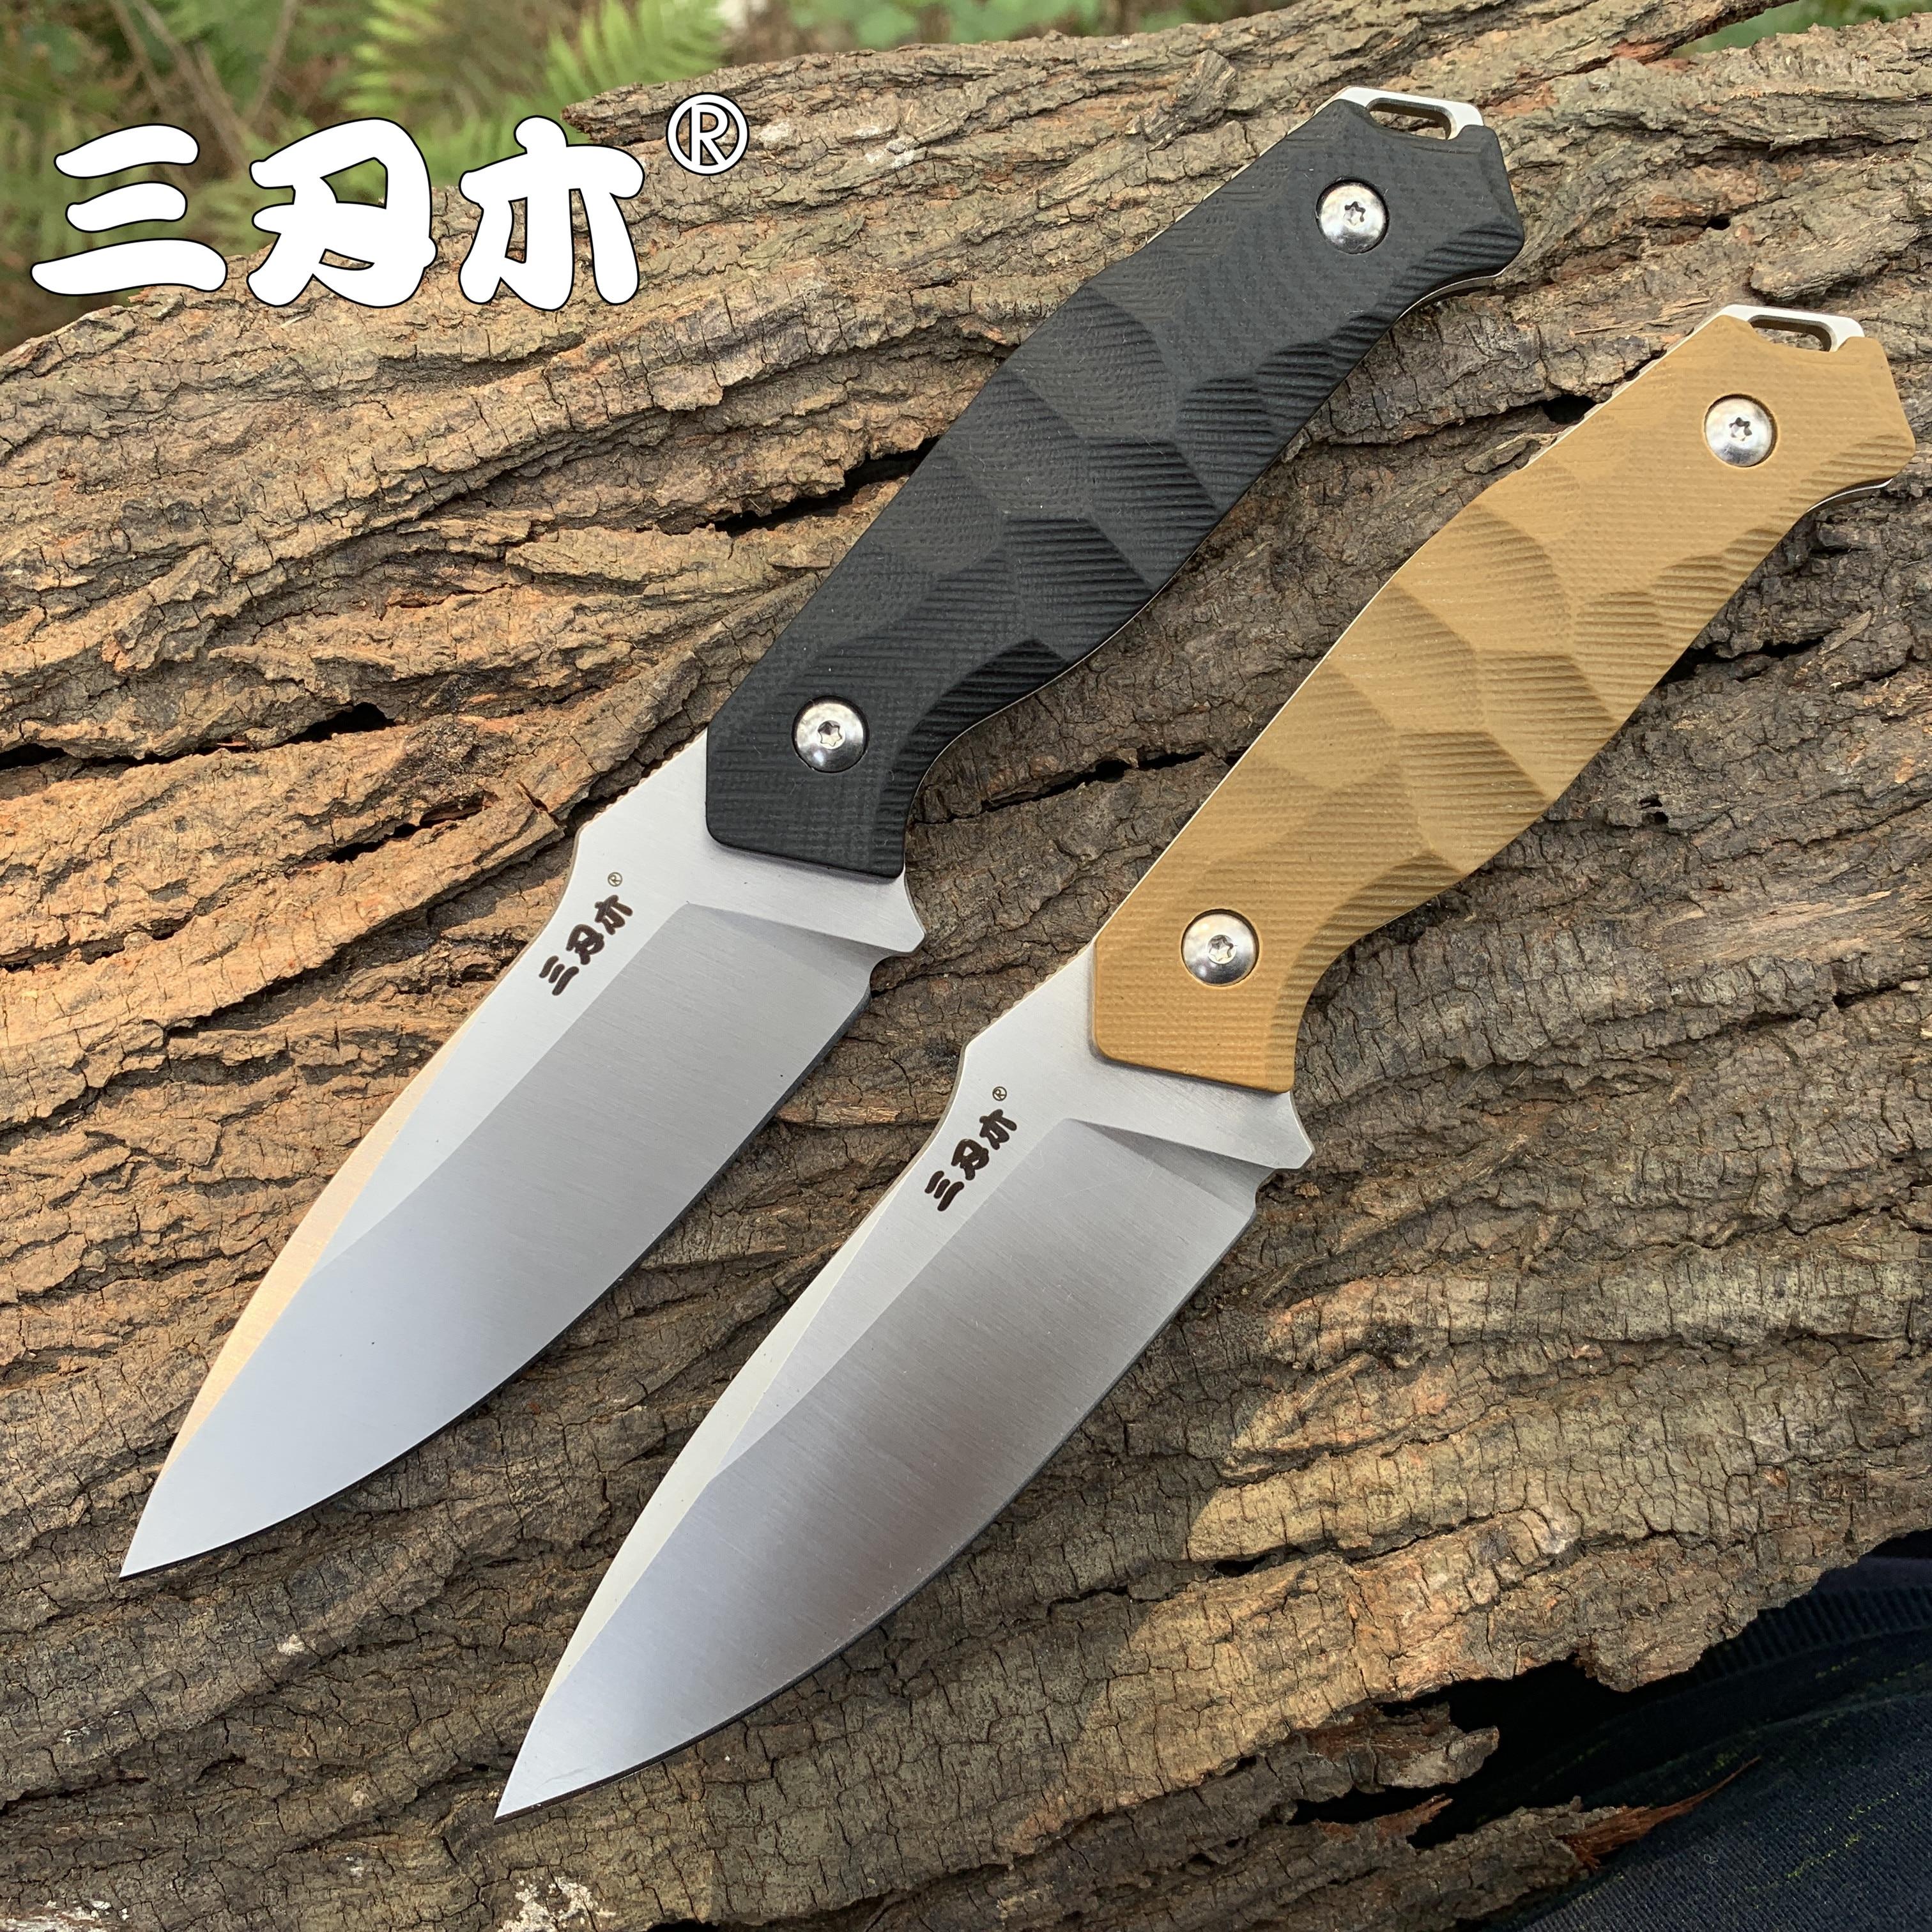 Sanrenmu S718 couteau à lame fixe avec gaine K 12C27 lame camping extérieur utilitaire survie couteau de chasse tactique outil EDC CSGO